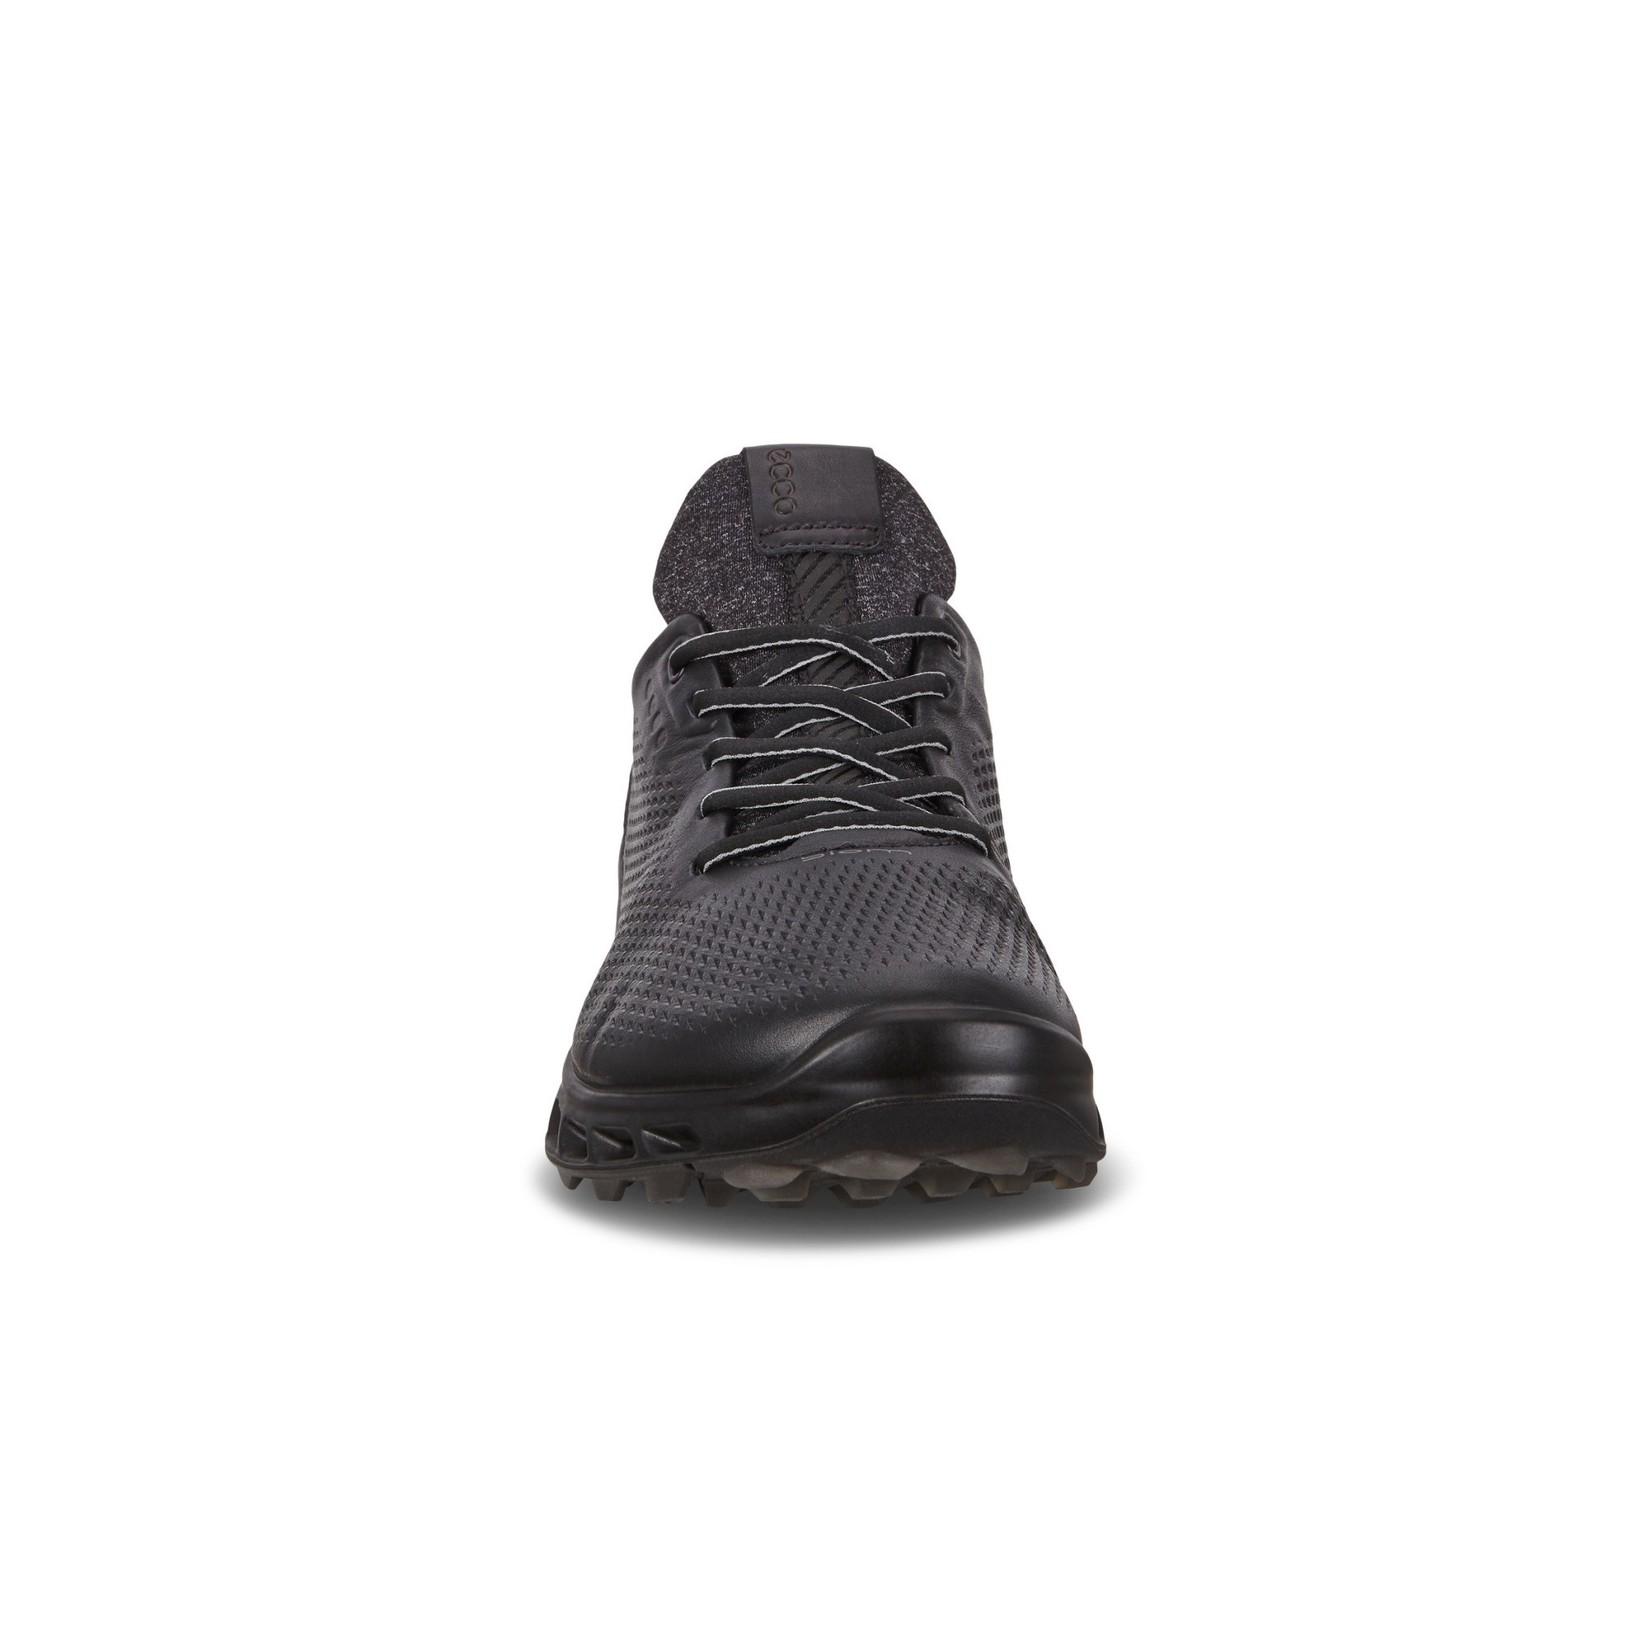 Ecco Ecco M Golf Biom Cool Pro 2.0 Black